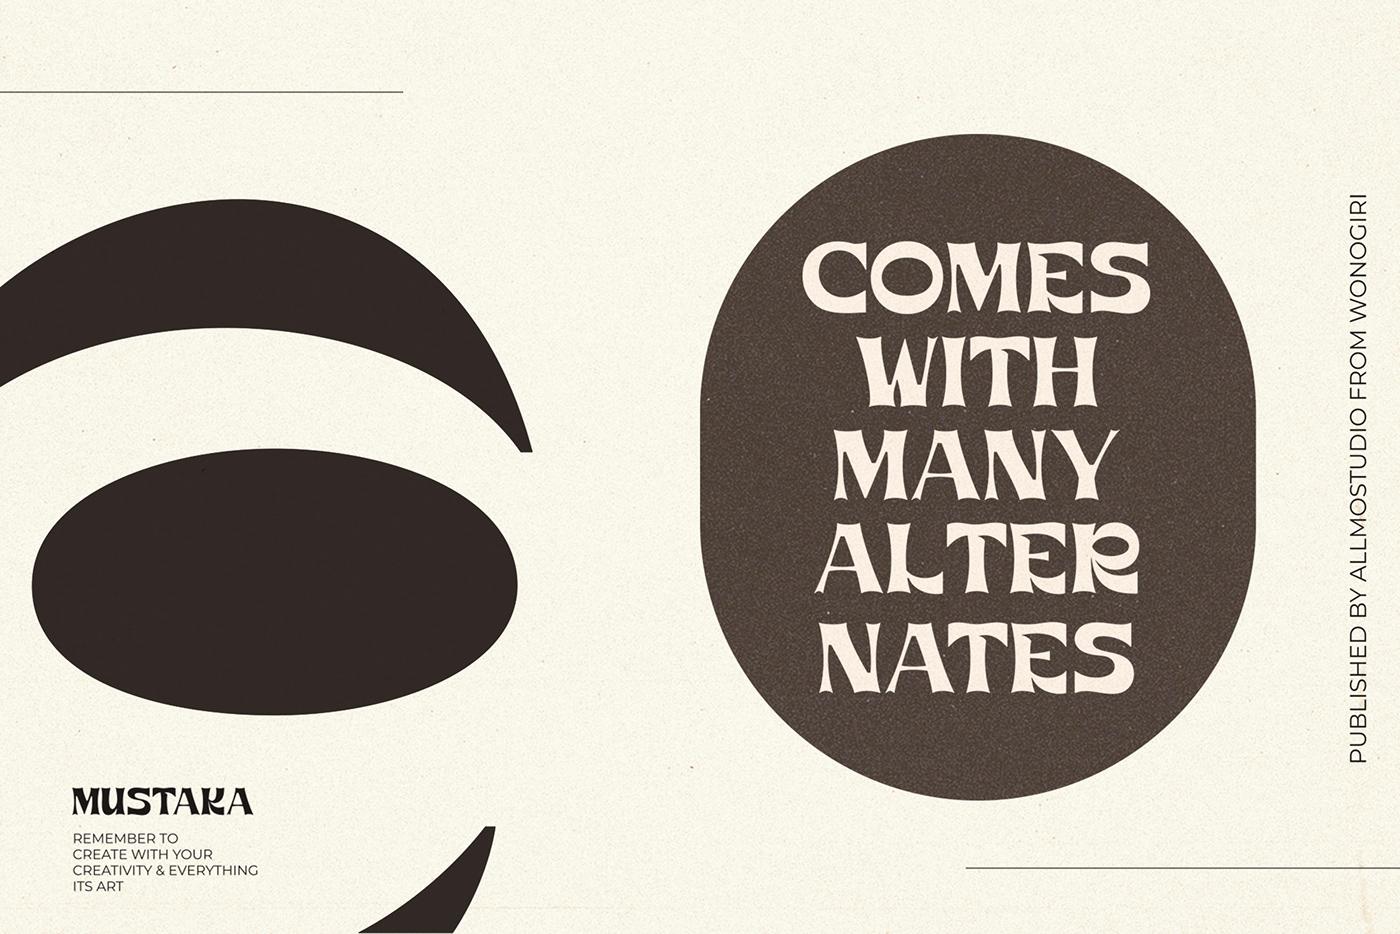 bold fonts Classic Fonts cool fonts display fonts elegant elegant fonts fashion fonts heading serif fonts Vintage fonts